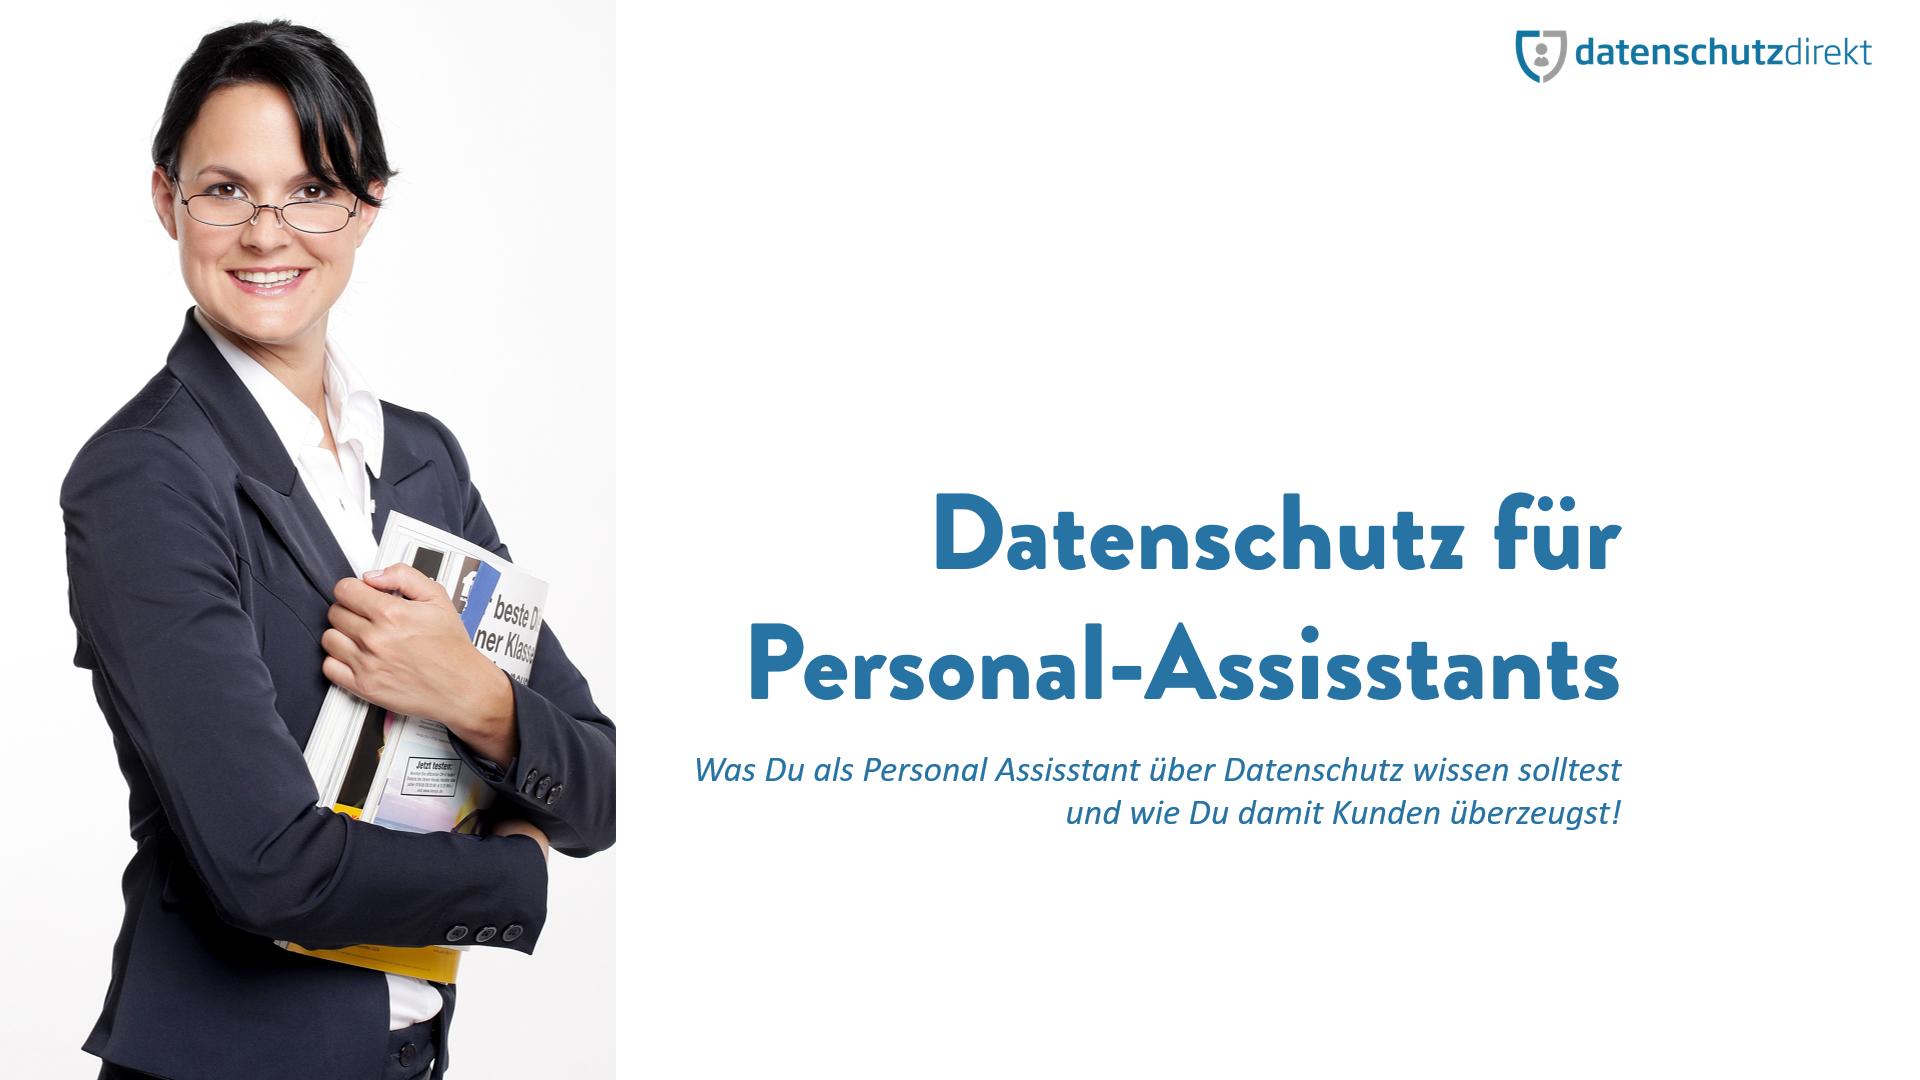 Datenschutz für Personal Assistants